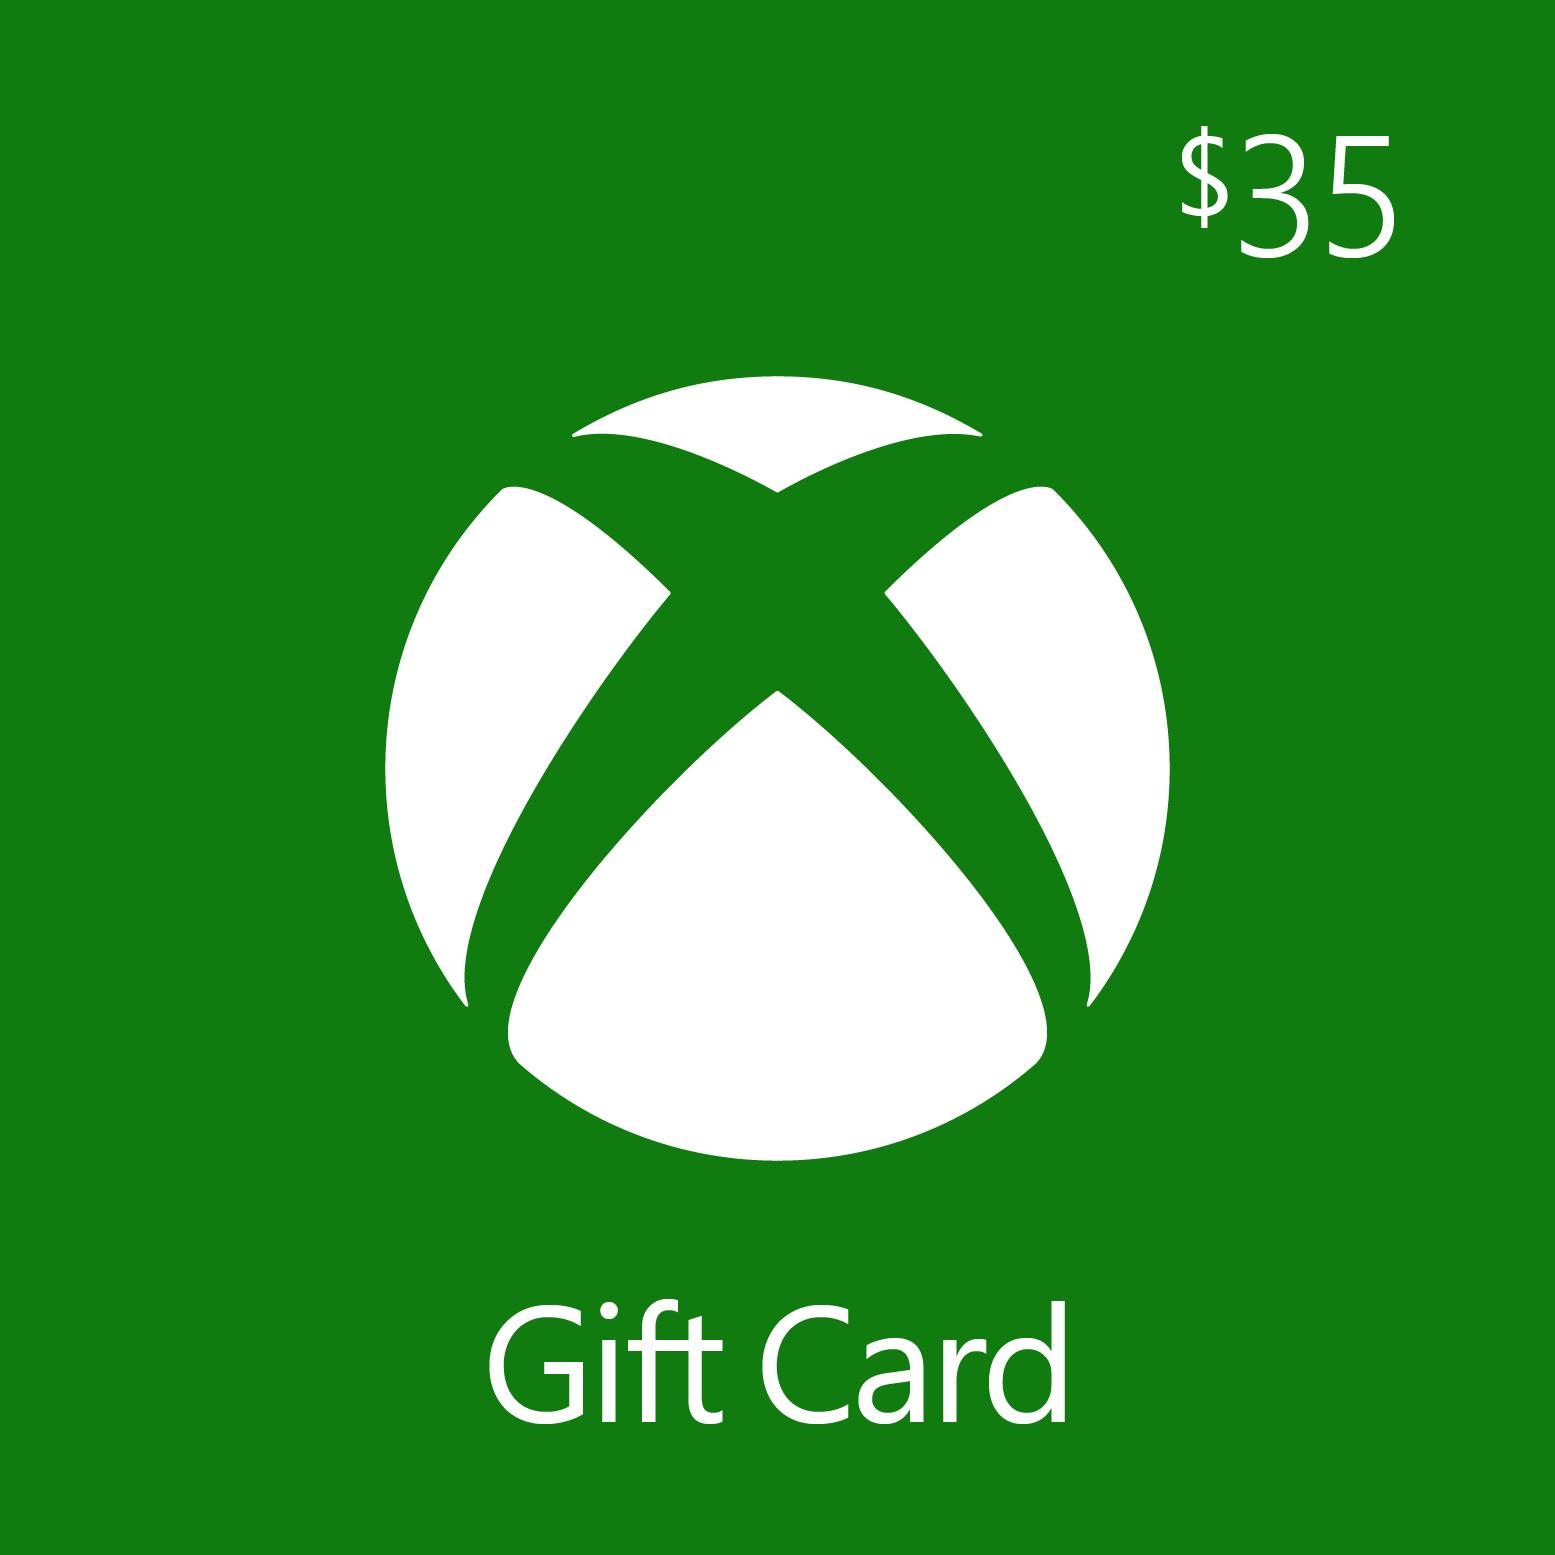 $35.00 Xbox Digital Gift Card